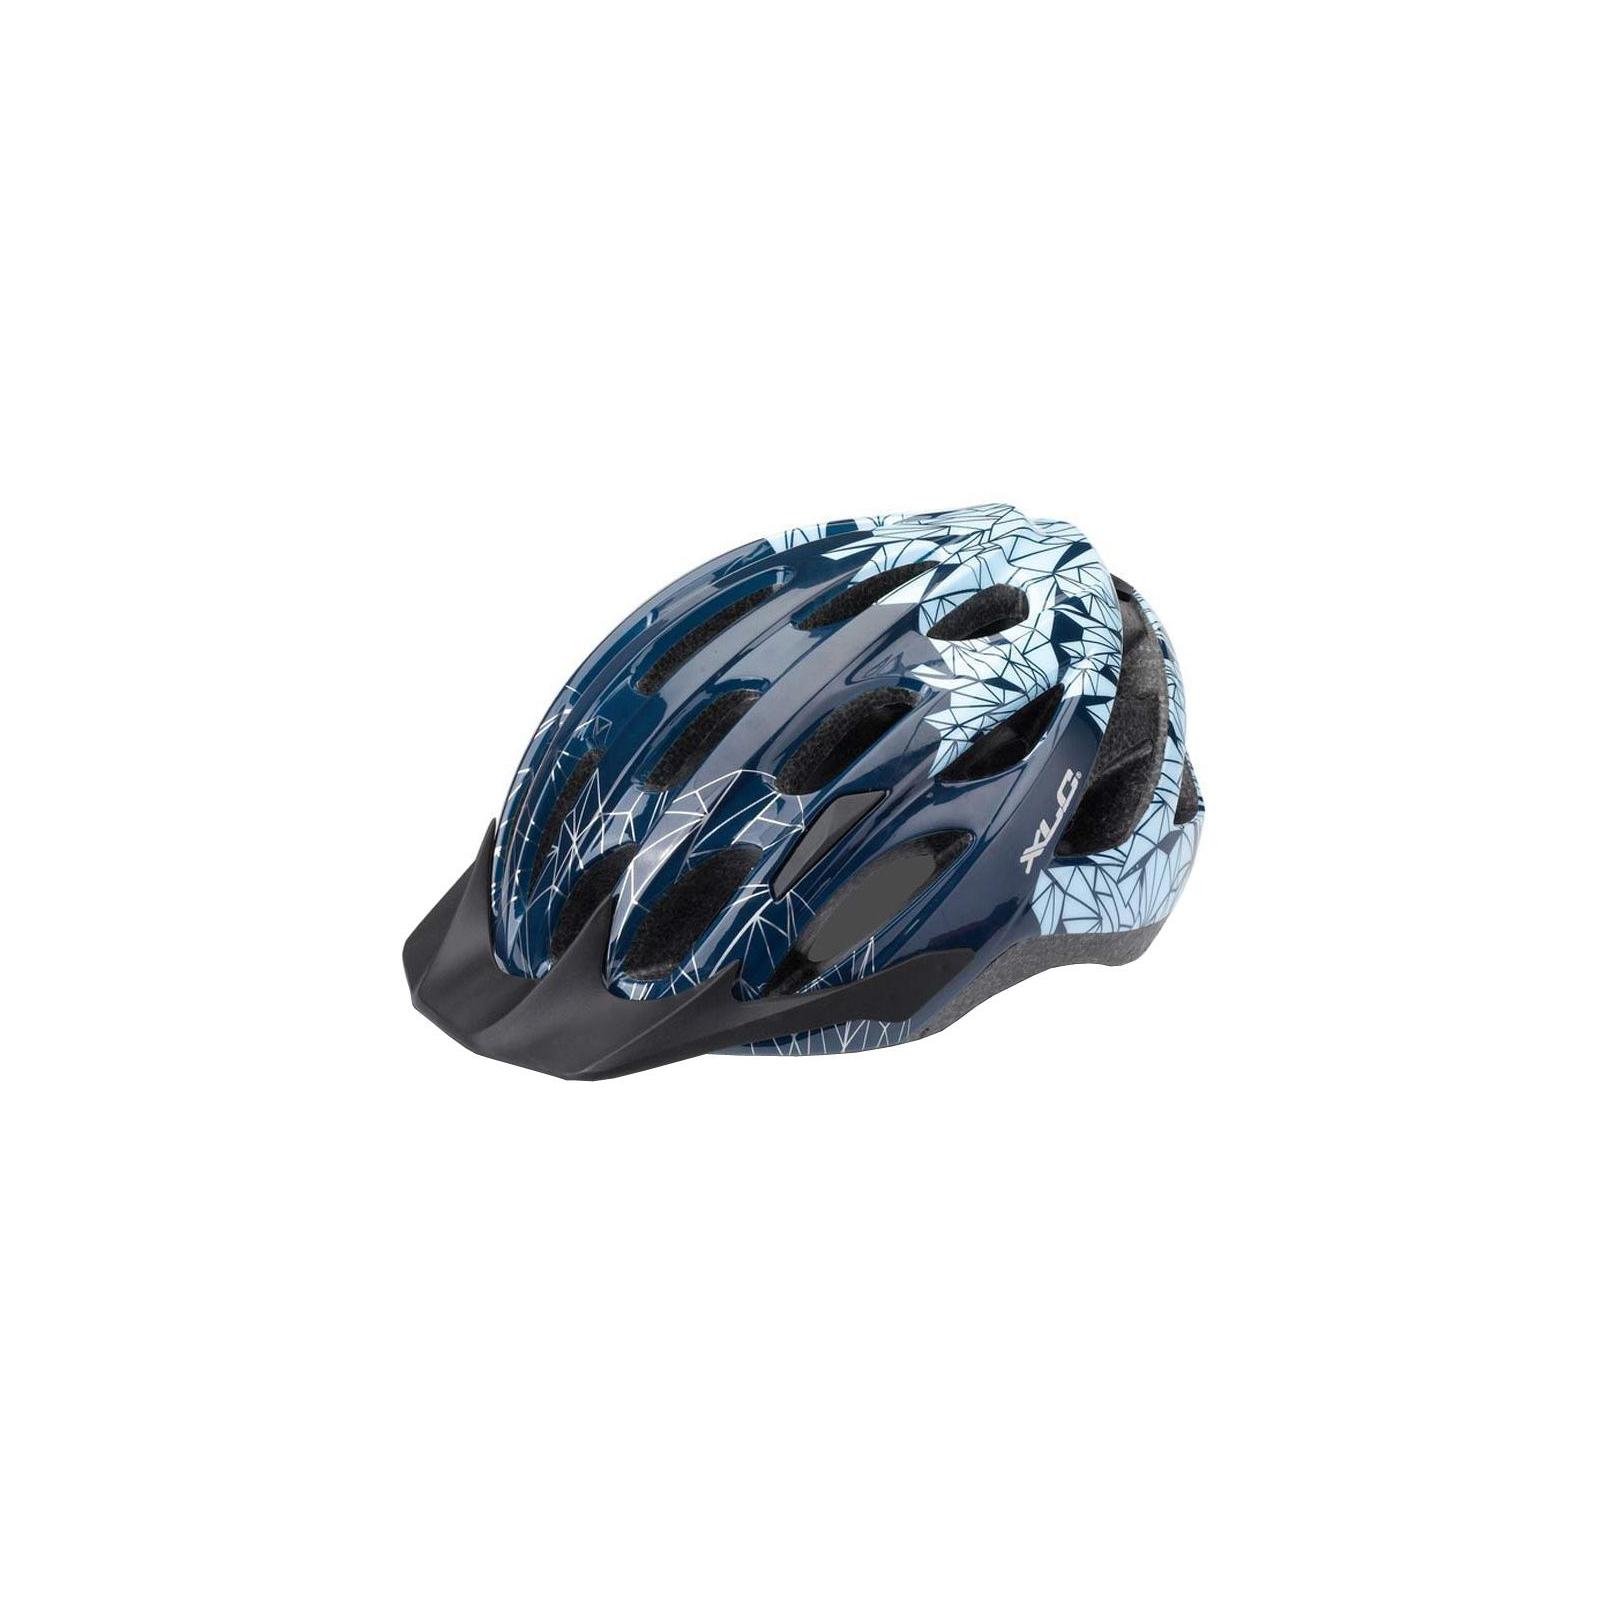 Шлем XLC BH-C20, темно-синий, S/M (53-57) (2500180070)